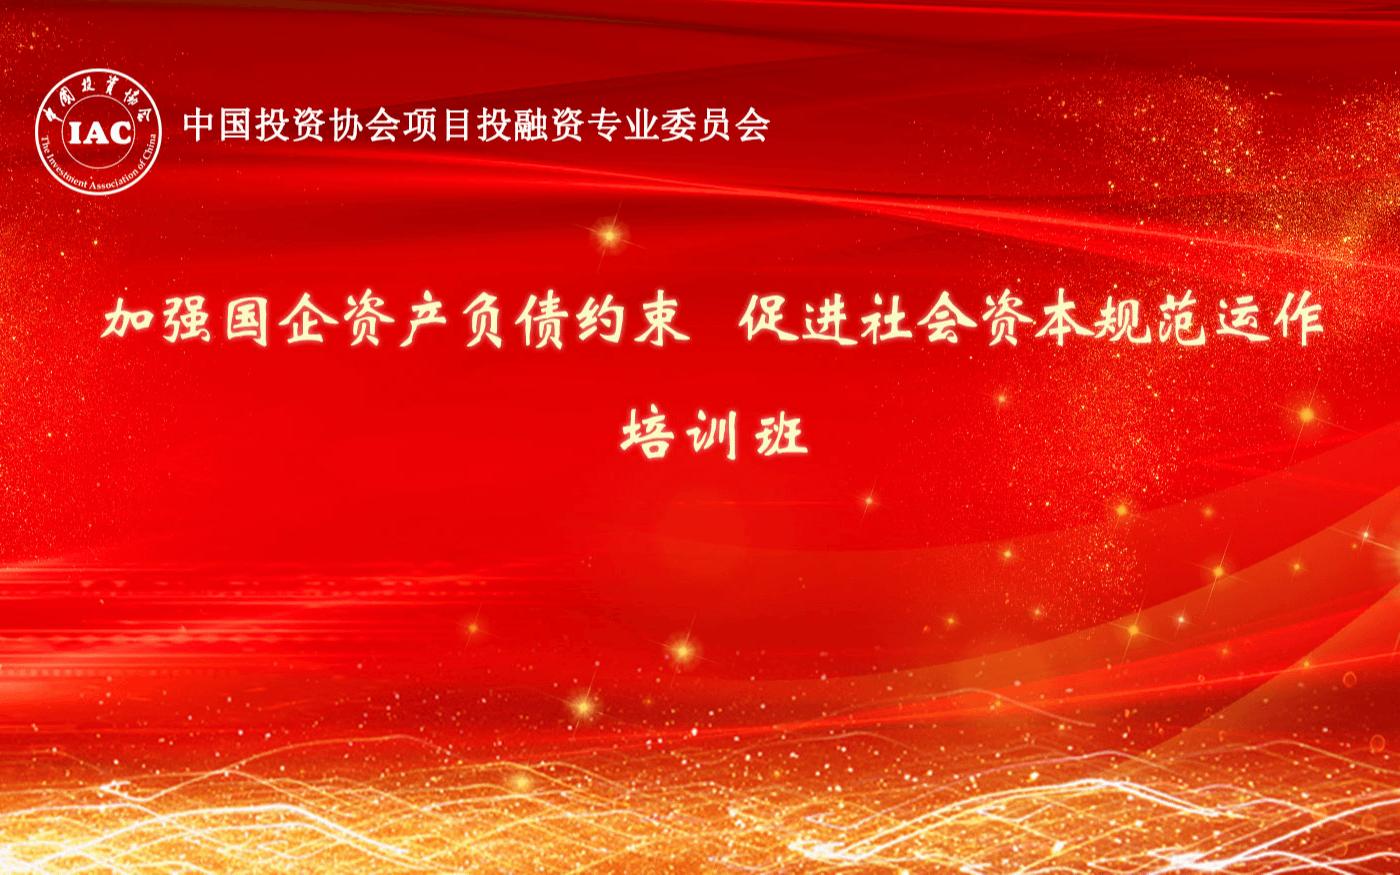 2019加强国企资产负债约束,促进社会资本规范运作培训班(12月杭州班)